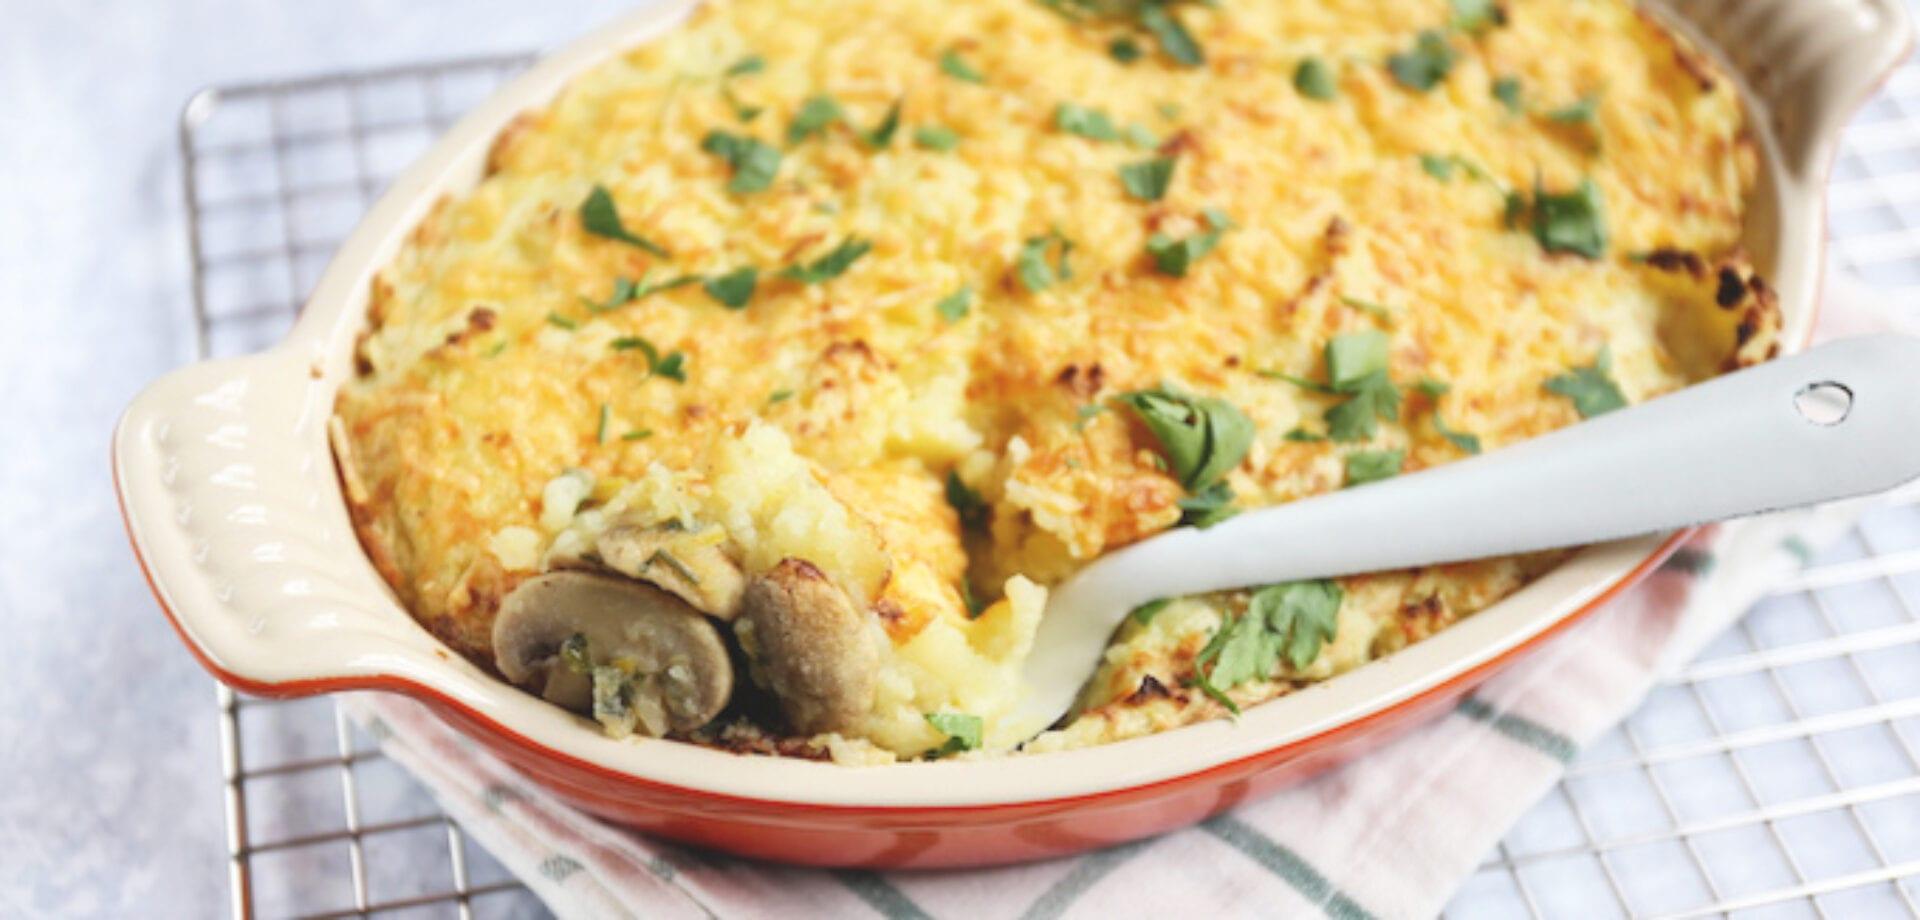 aardappelschotel met paling